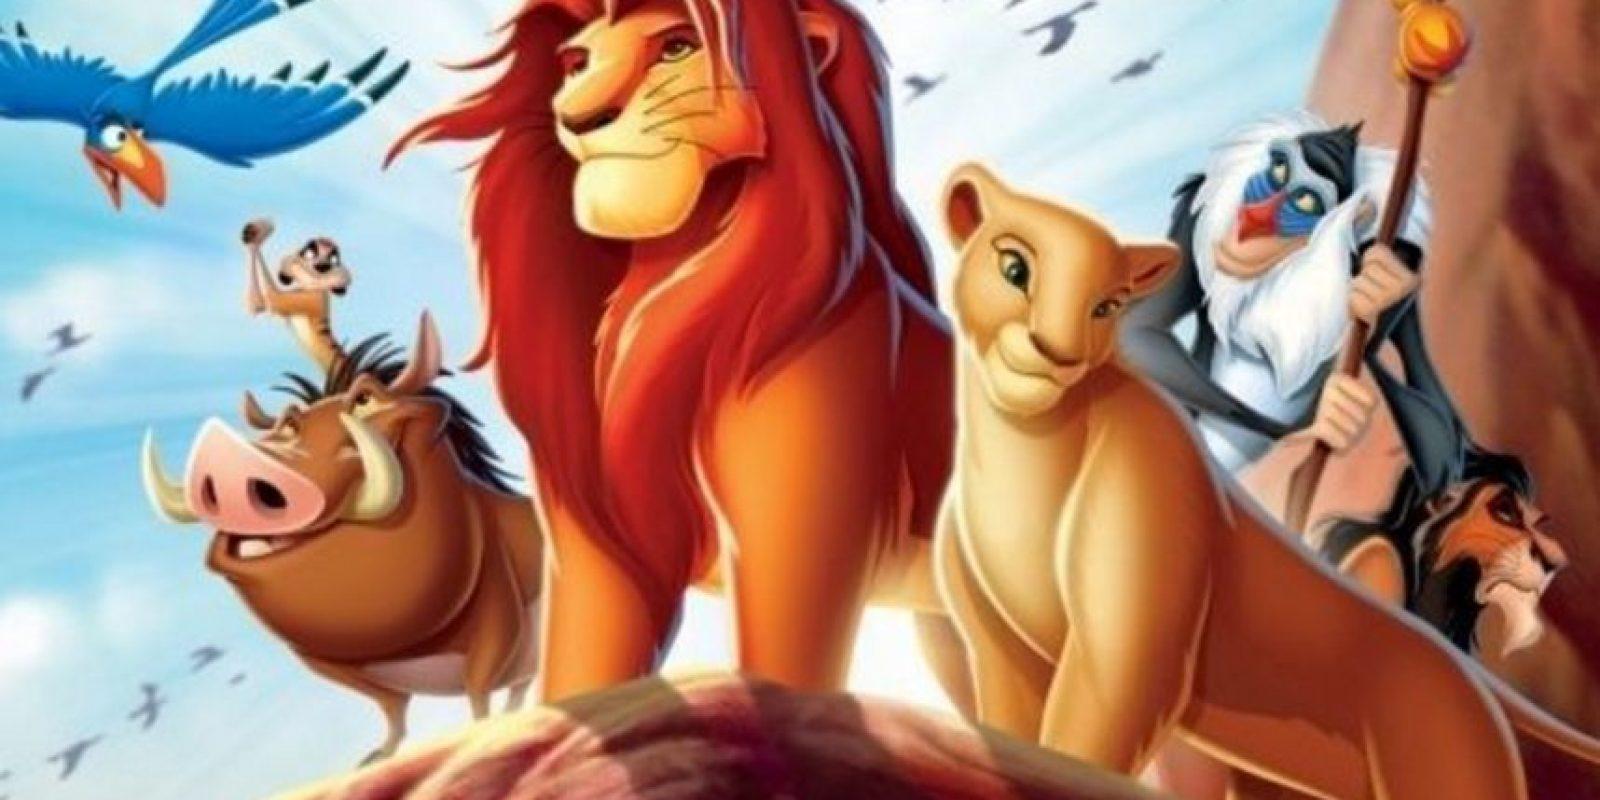 Disney Foto:Preparan nueva versión de El rey león